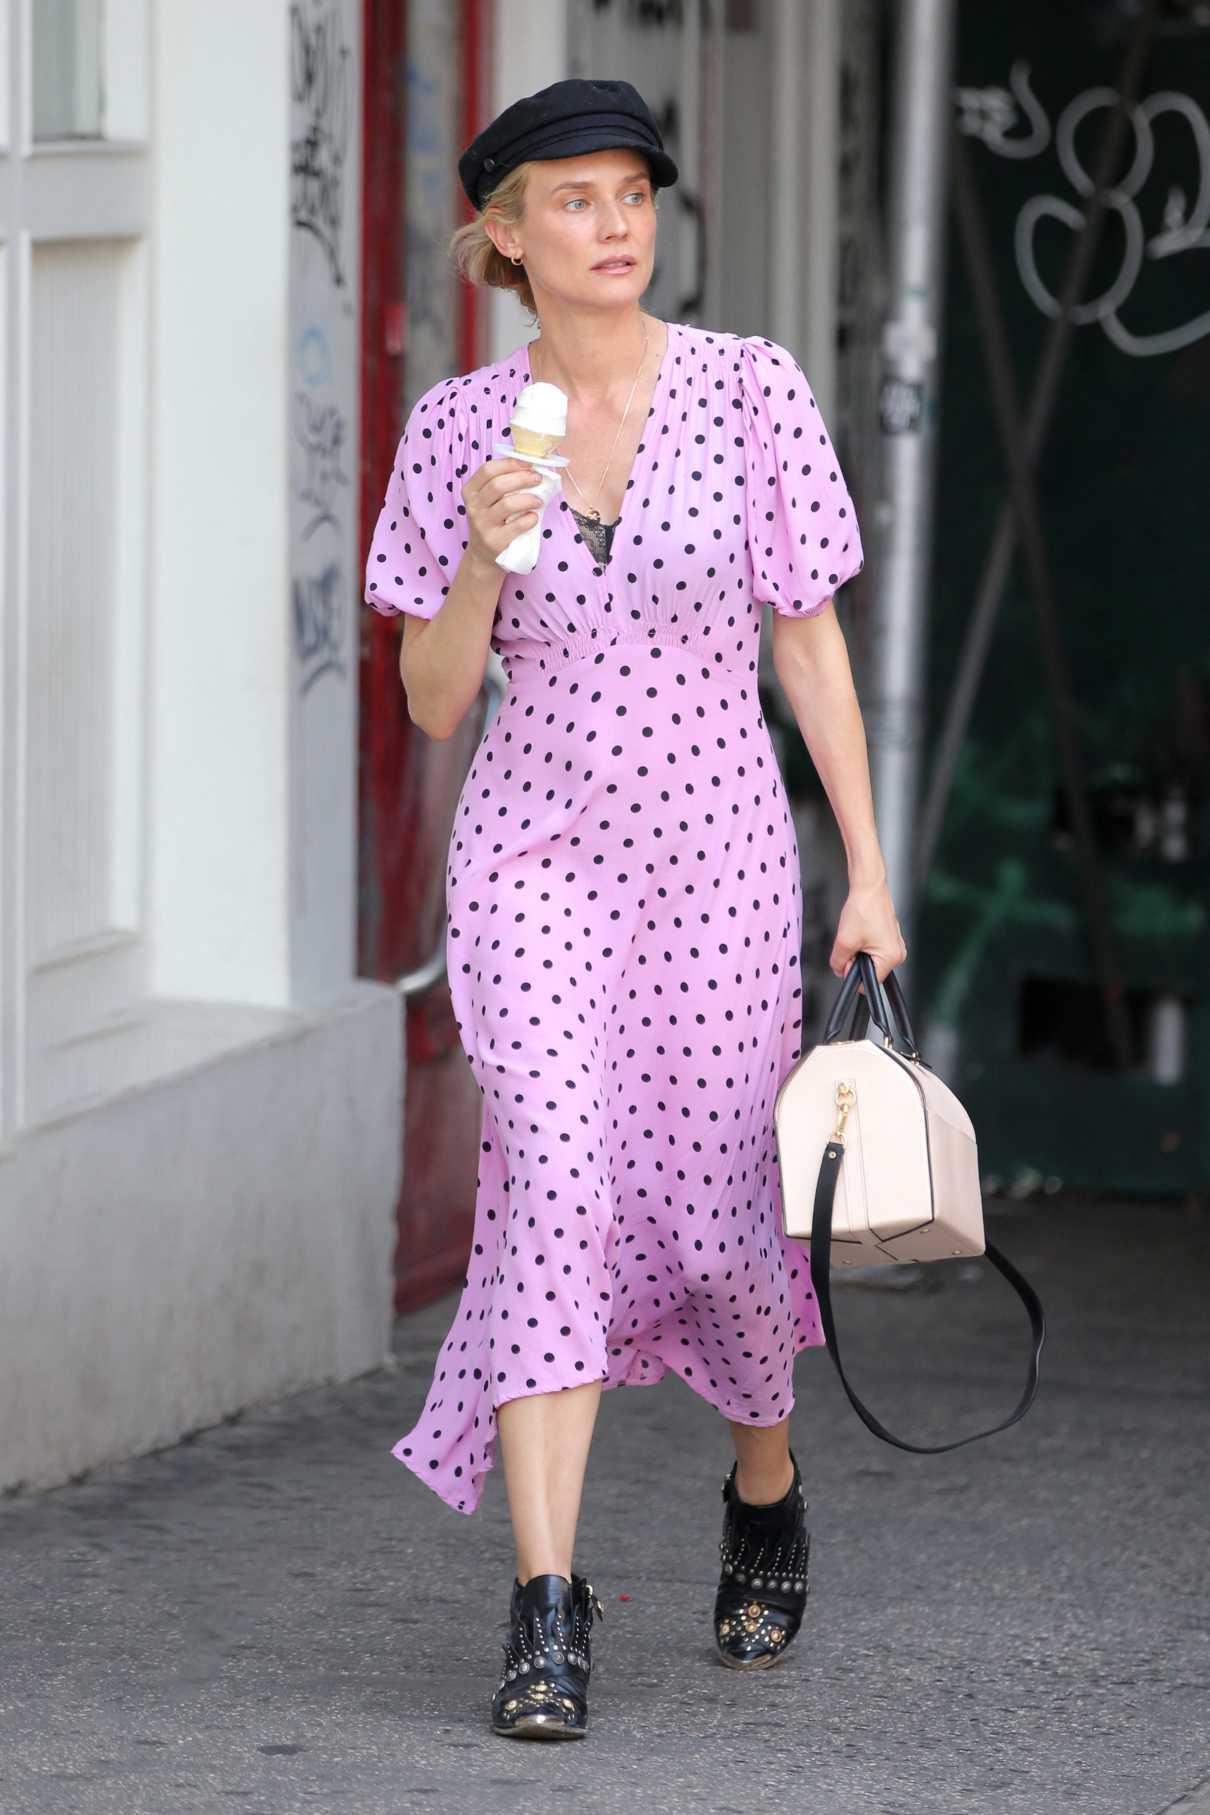 Diane Kruger in a Lilac Polka Dot Dress